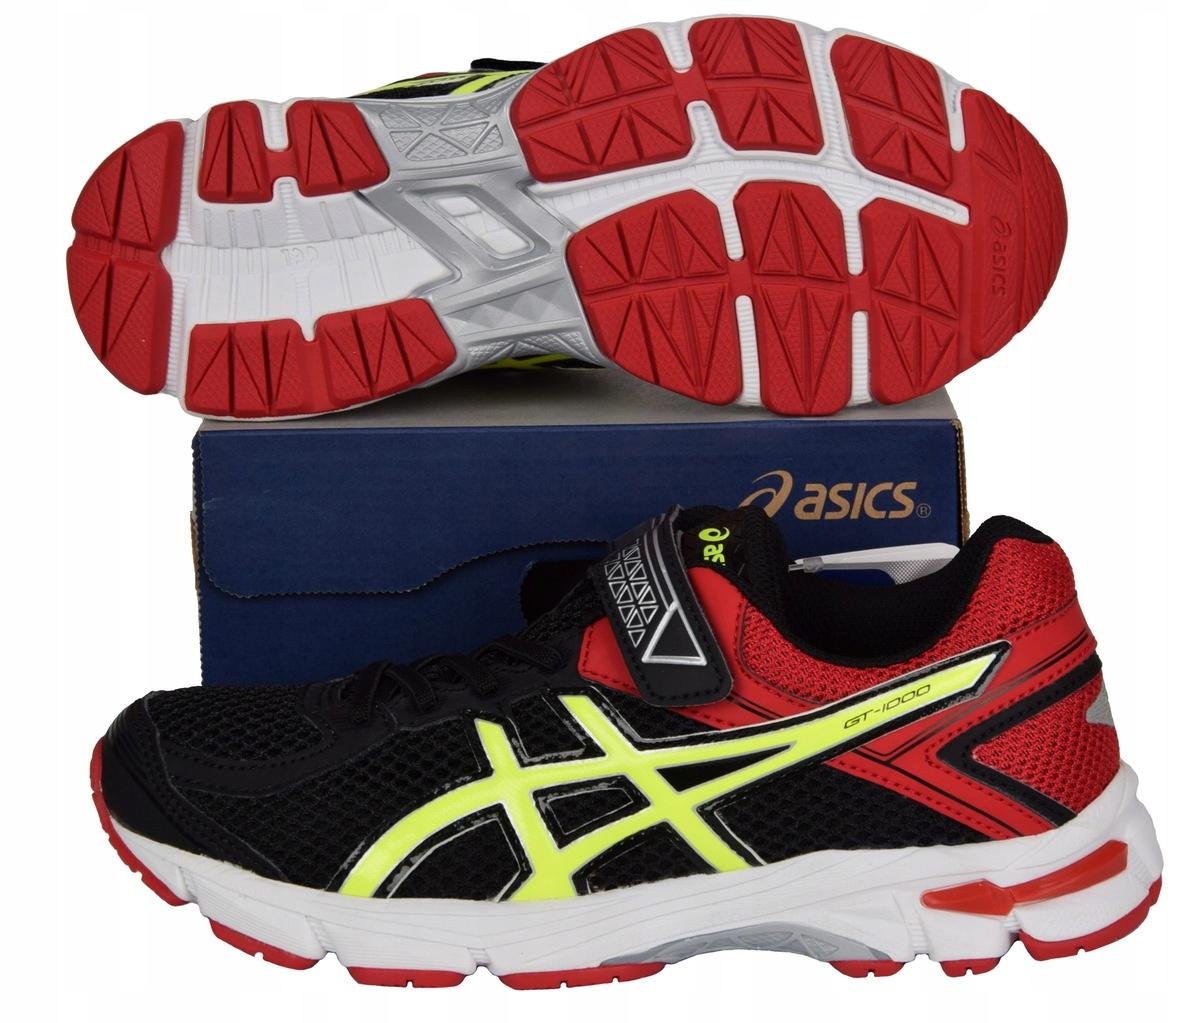 Buty dziecięce ASICS GT 1000 4 PS r. 34,5 7476888305